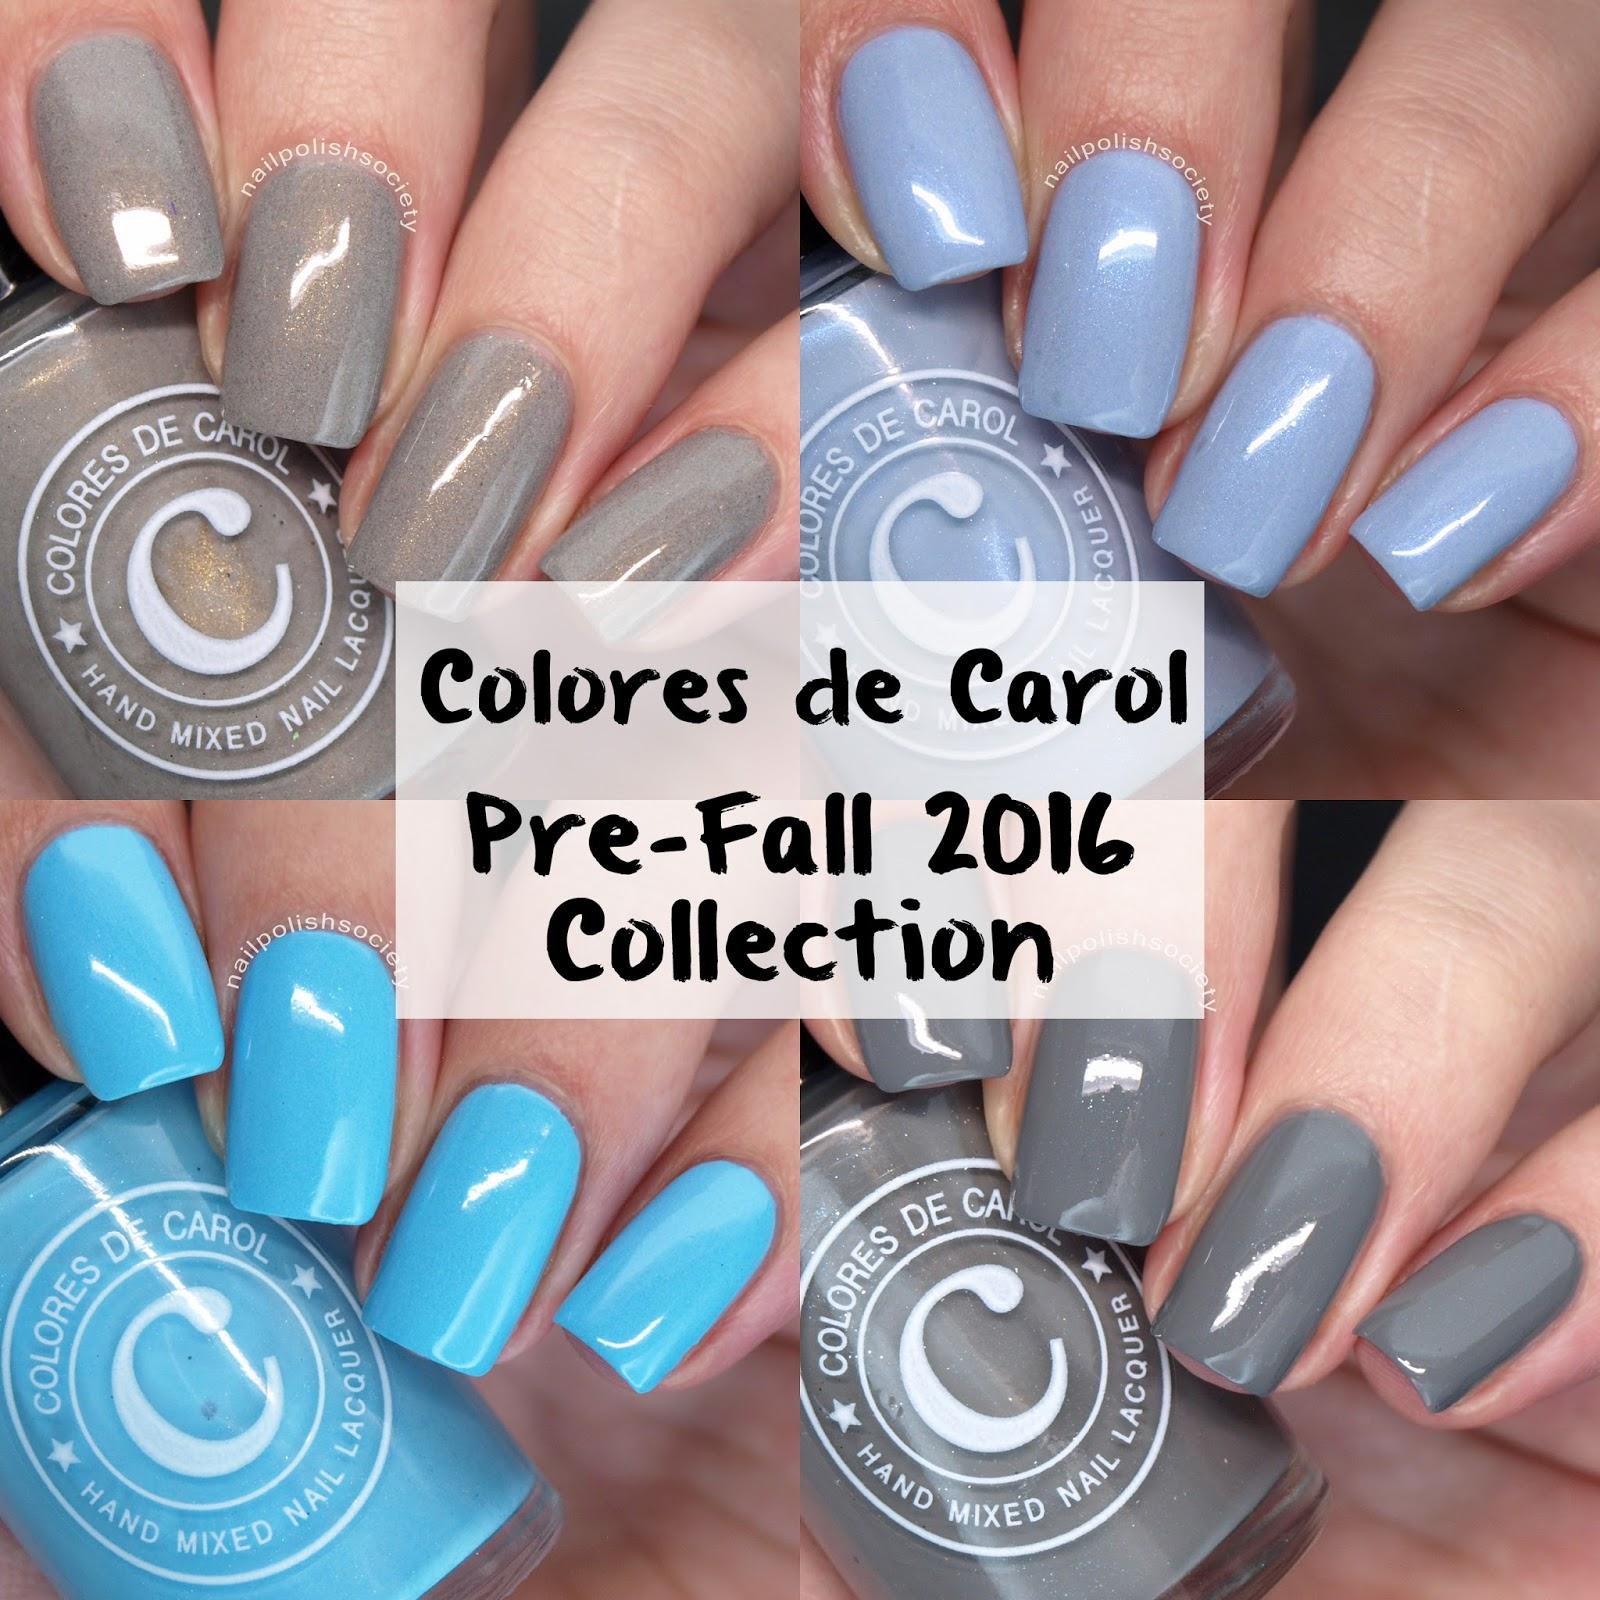 Nail Polish Society: Colores de Carol Pre-Fall 2016 Collection